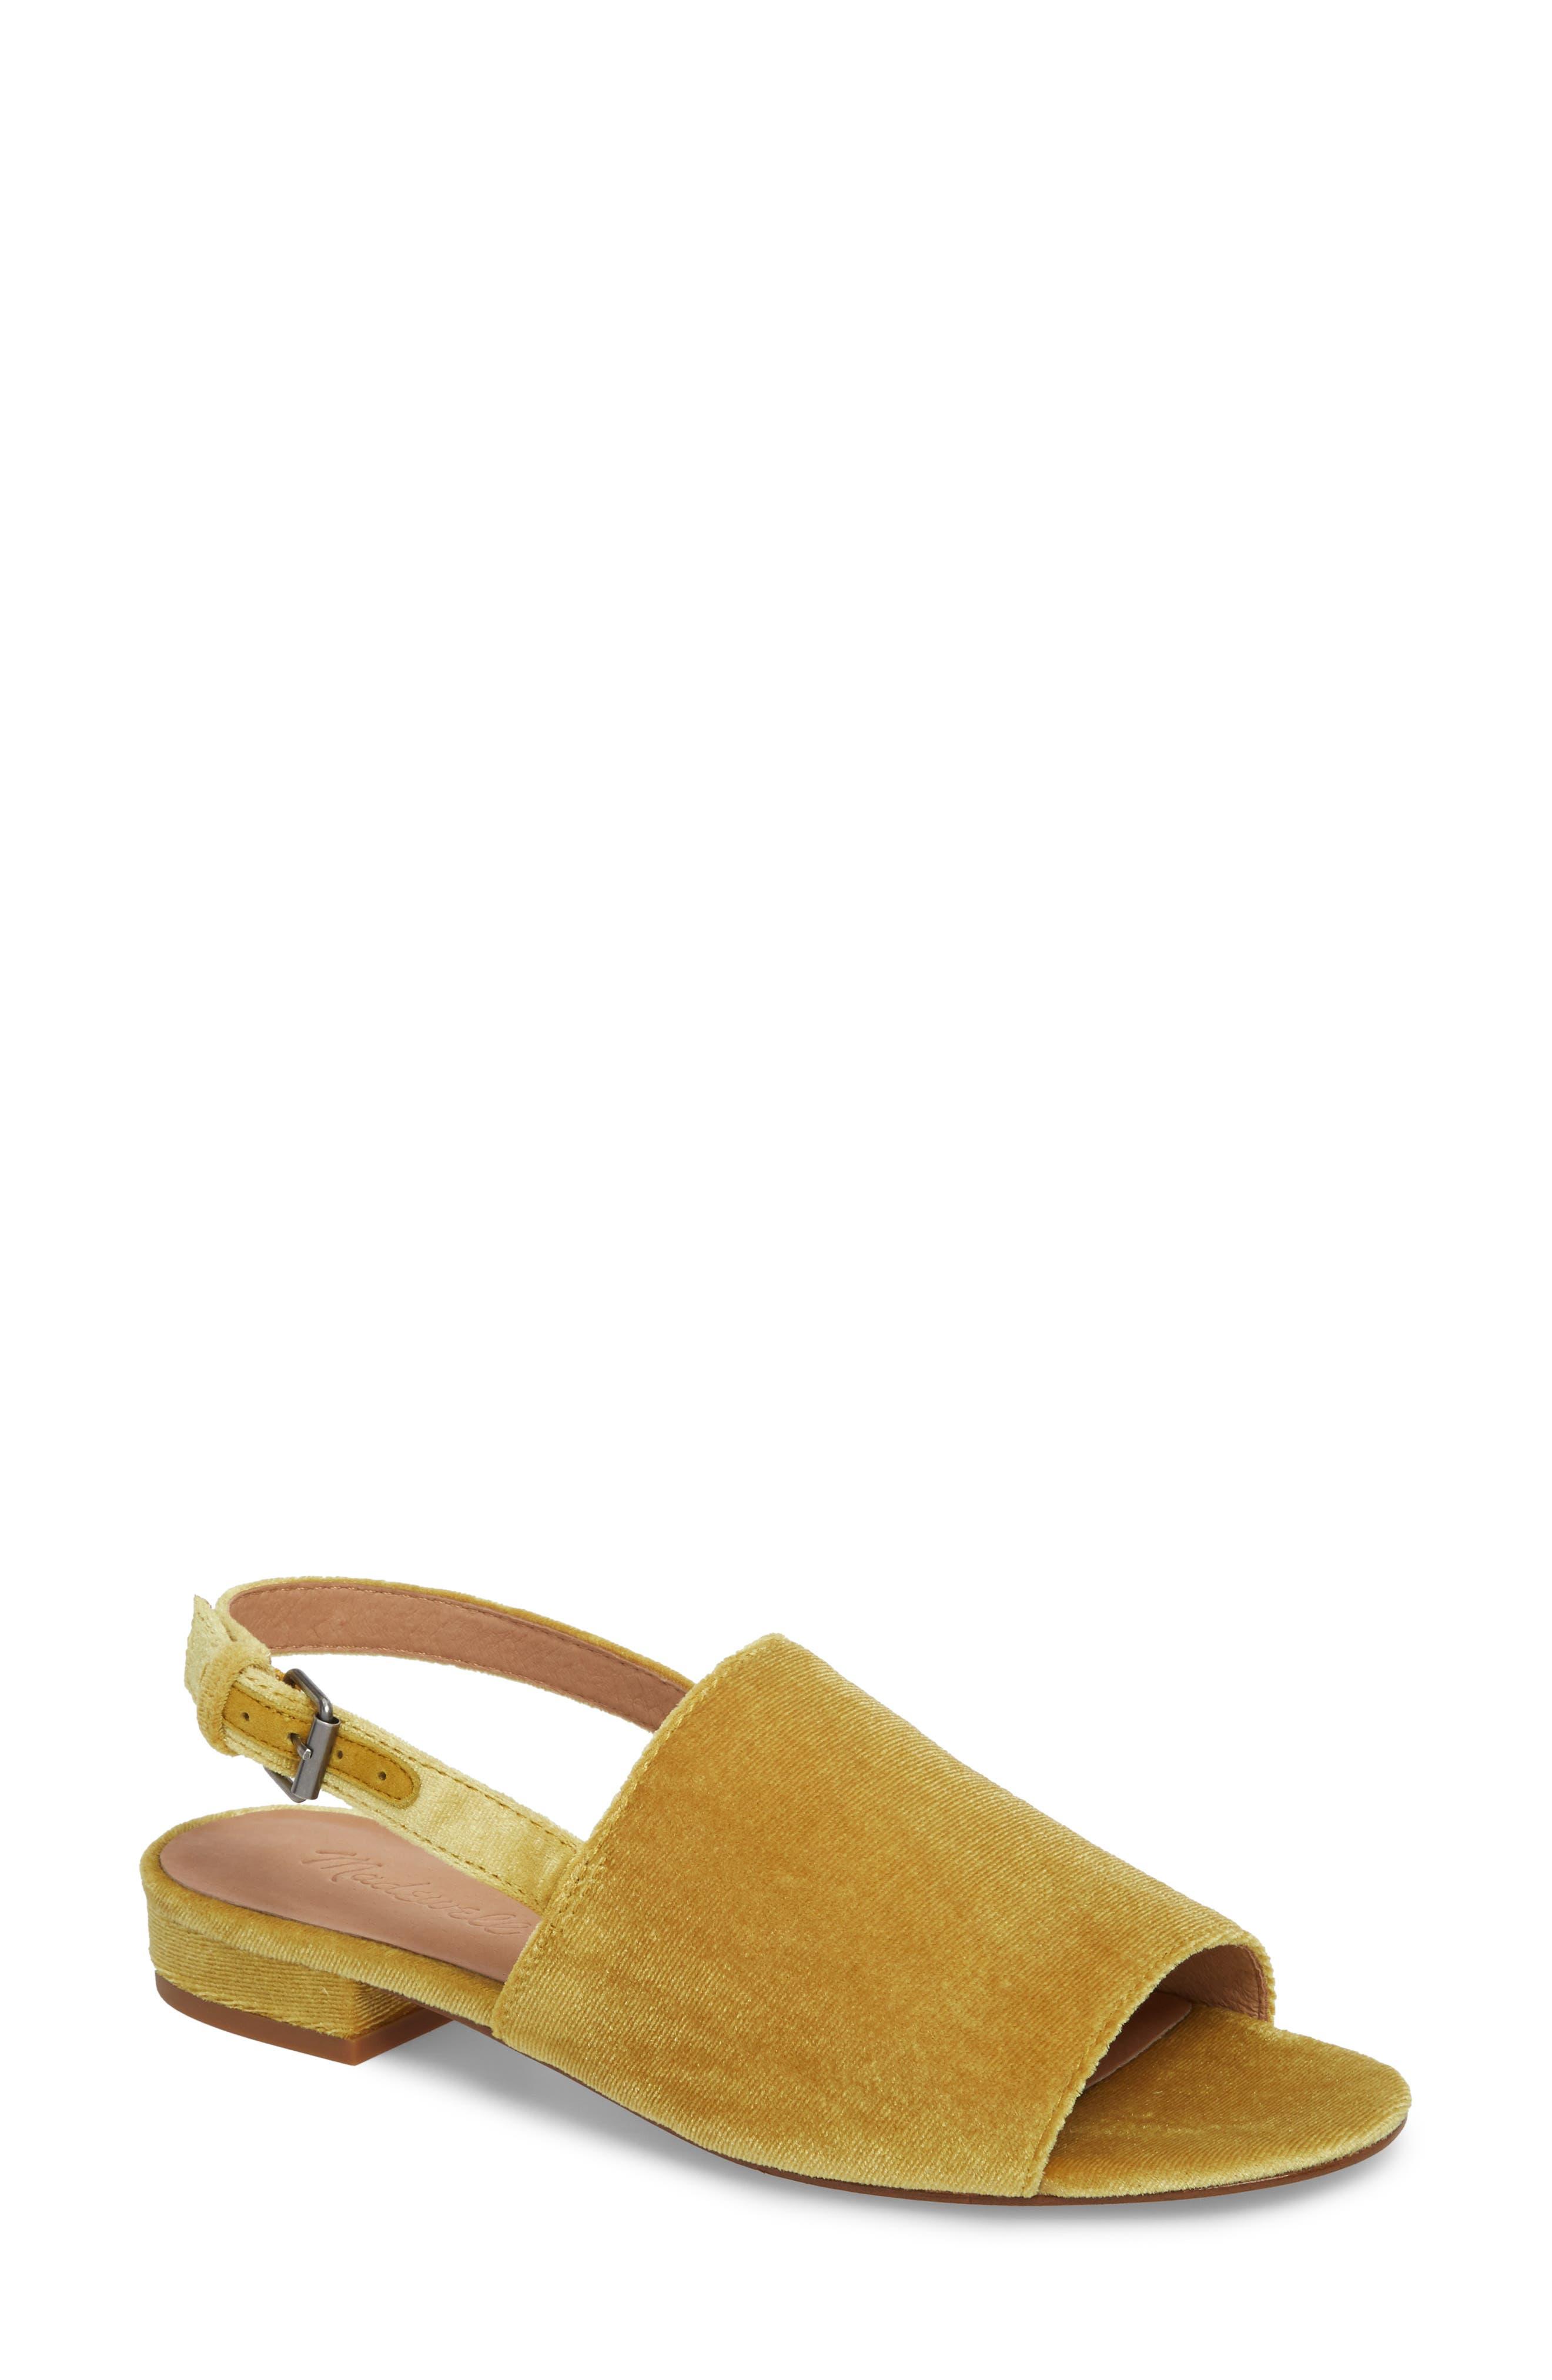 Noelle Slingback Sandal,                         Main,                         color, Savannah Moss Velvet